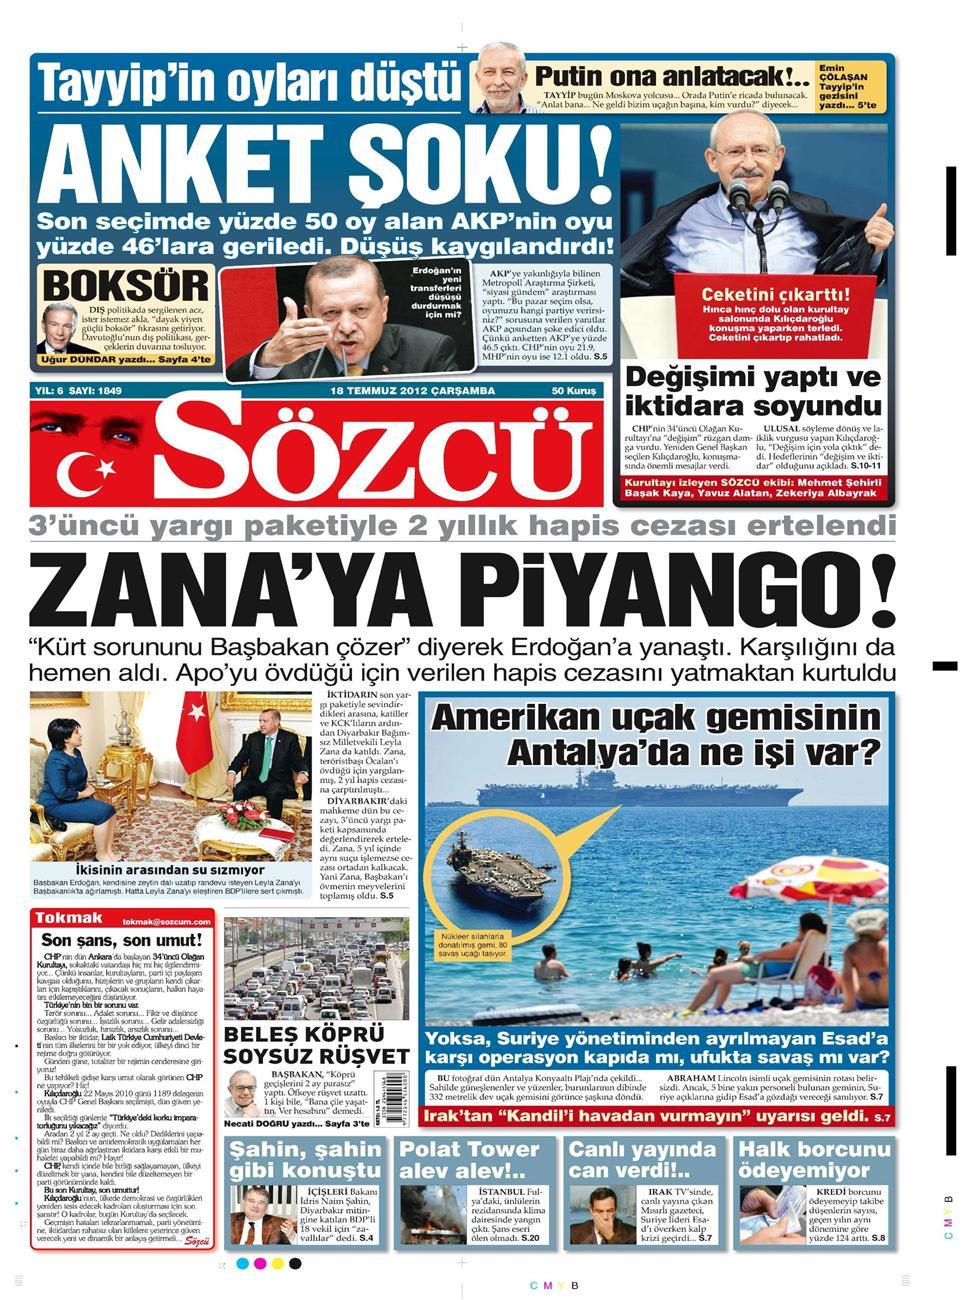 Gazete Manşetleri - 18 Temmuz 2012 12